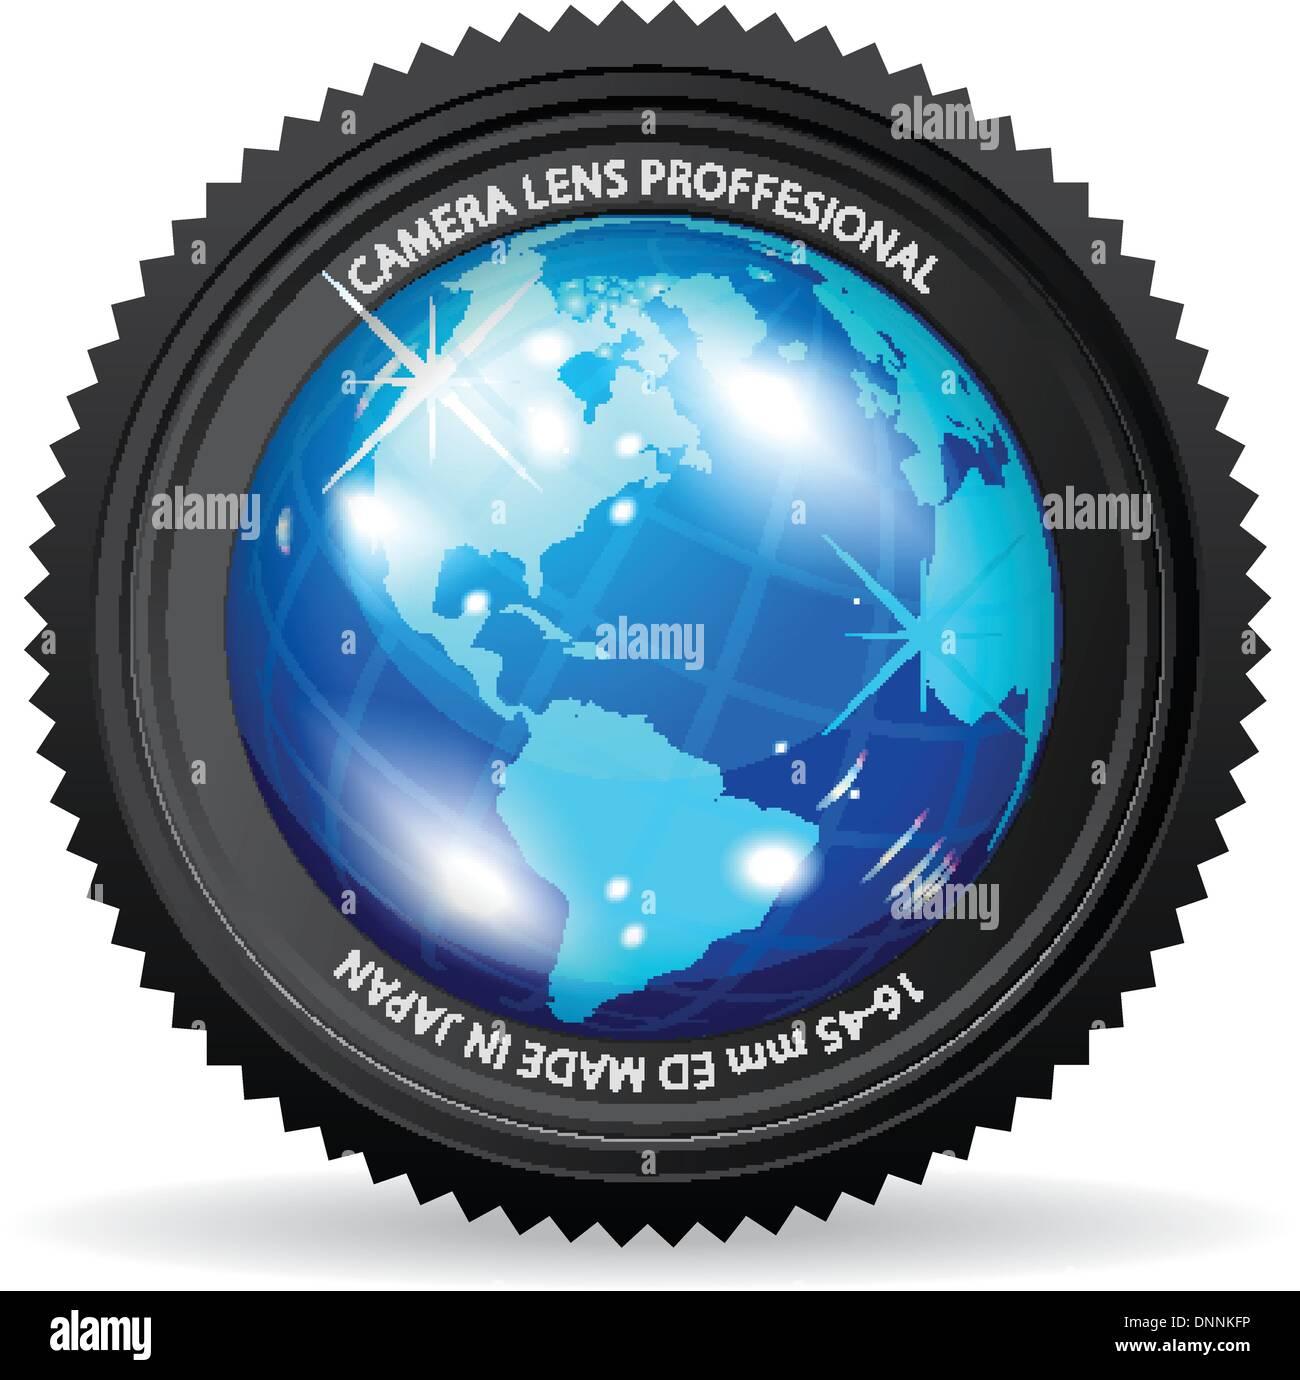 Zoom der Welt! Vektor-Illustration der Kameralinse mit Globus Stockbild